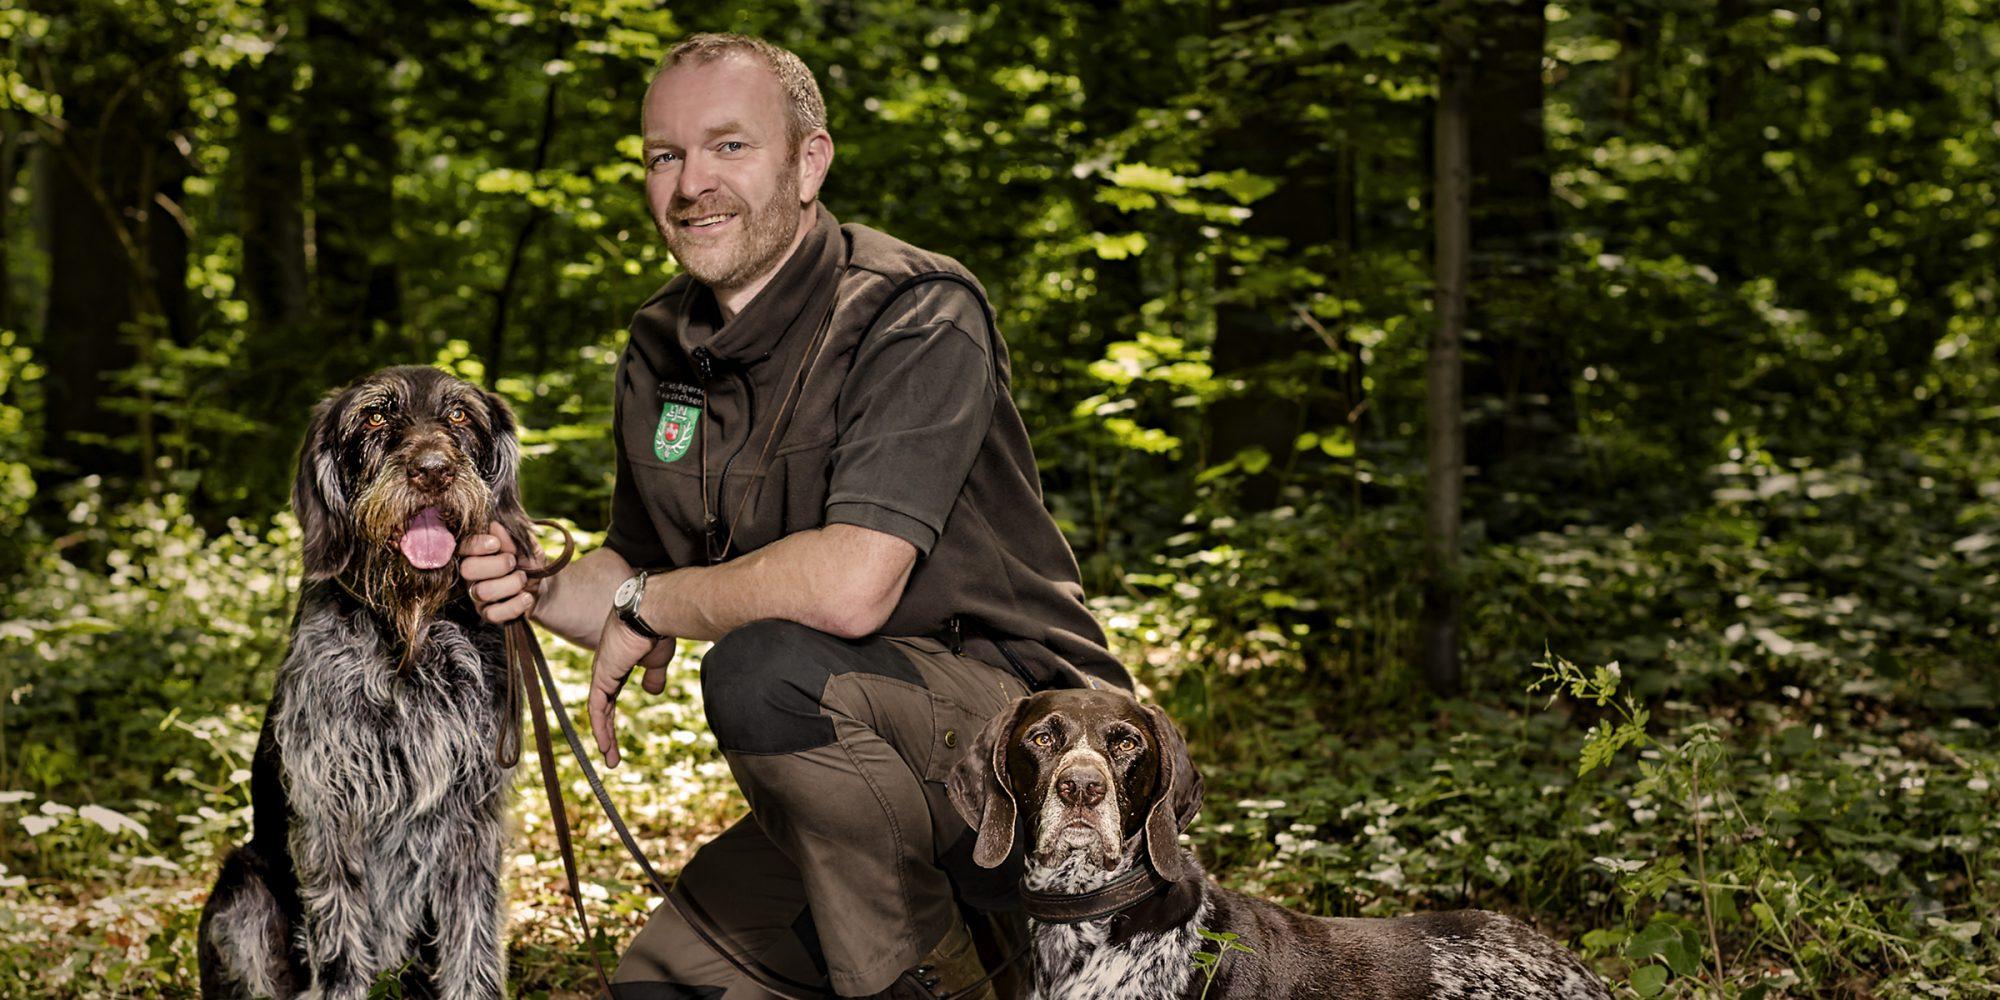 Dieses Porträtfoto zeigt einen Jäger zusammen mit seinen Jagdhunden.